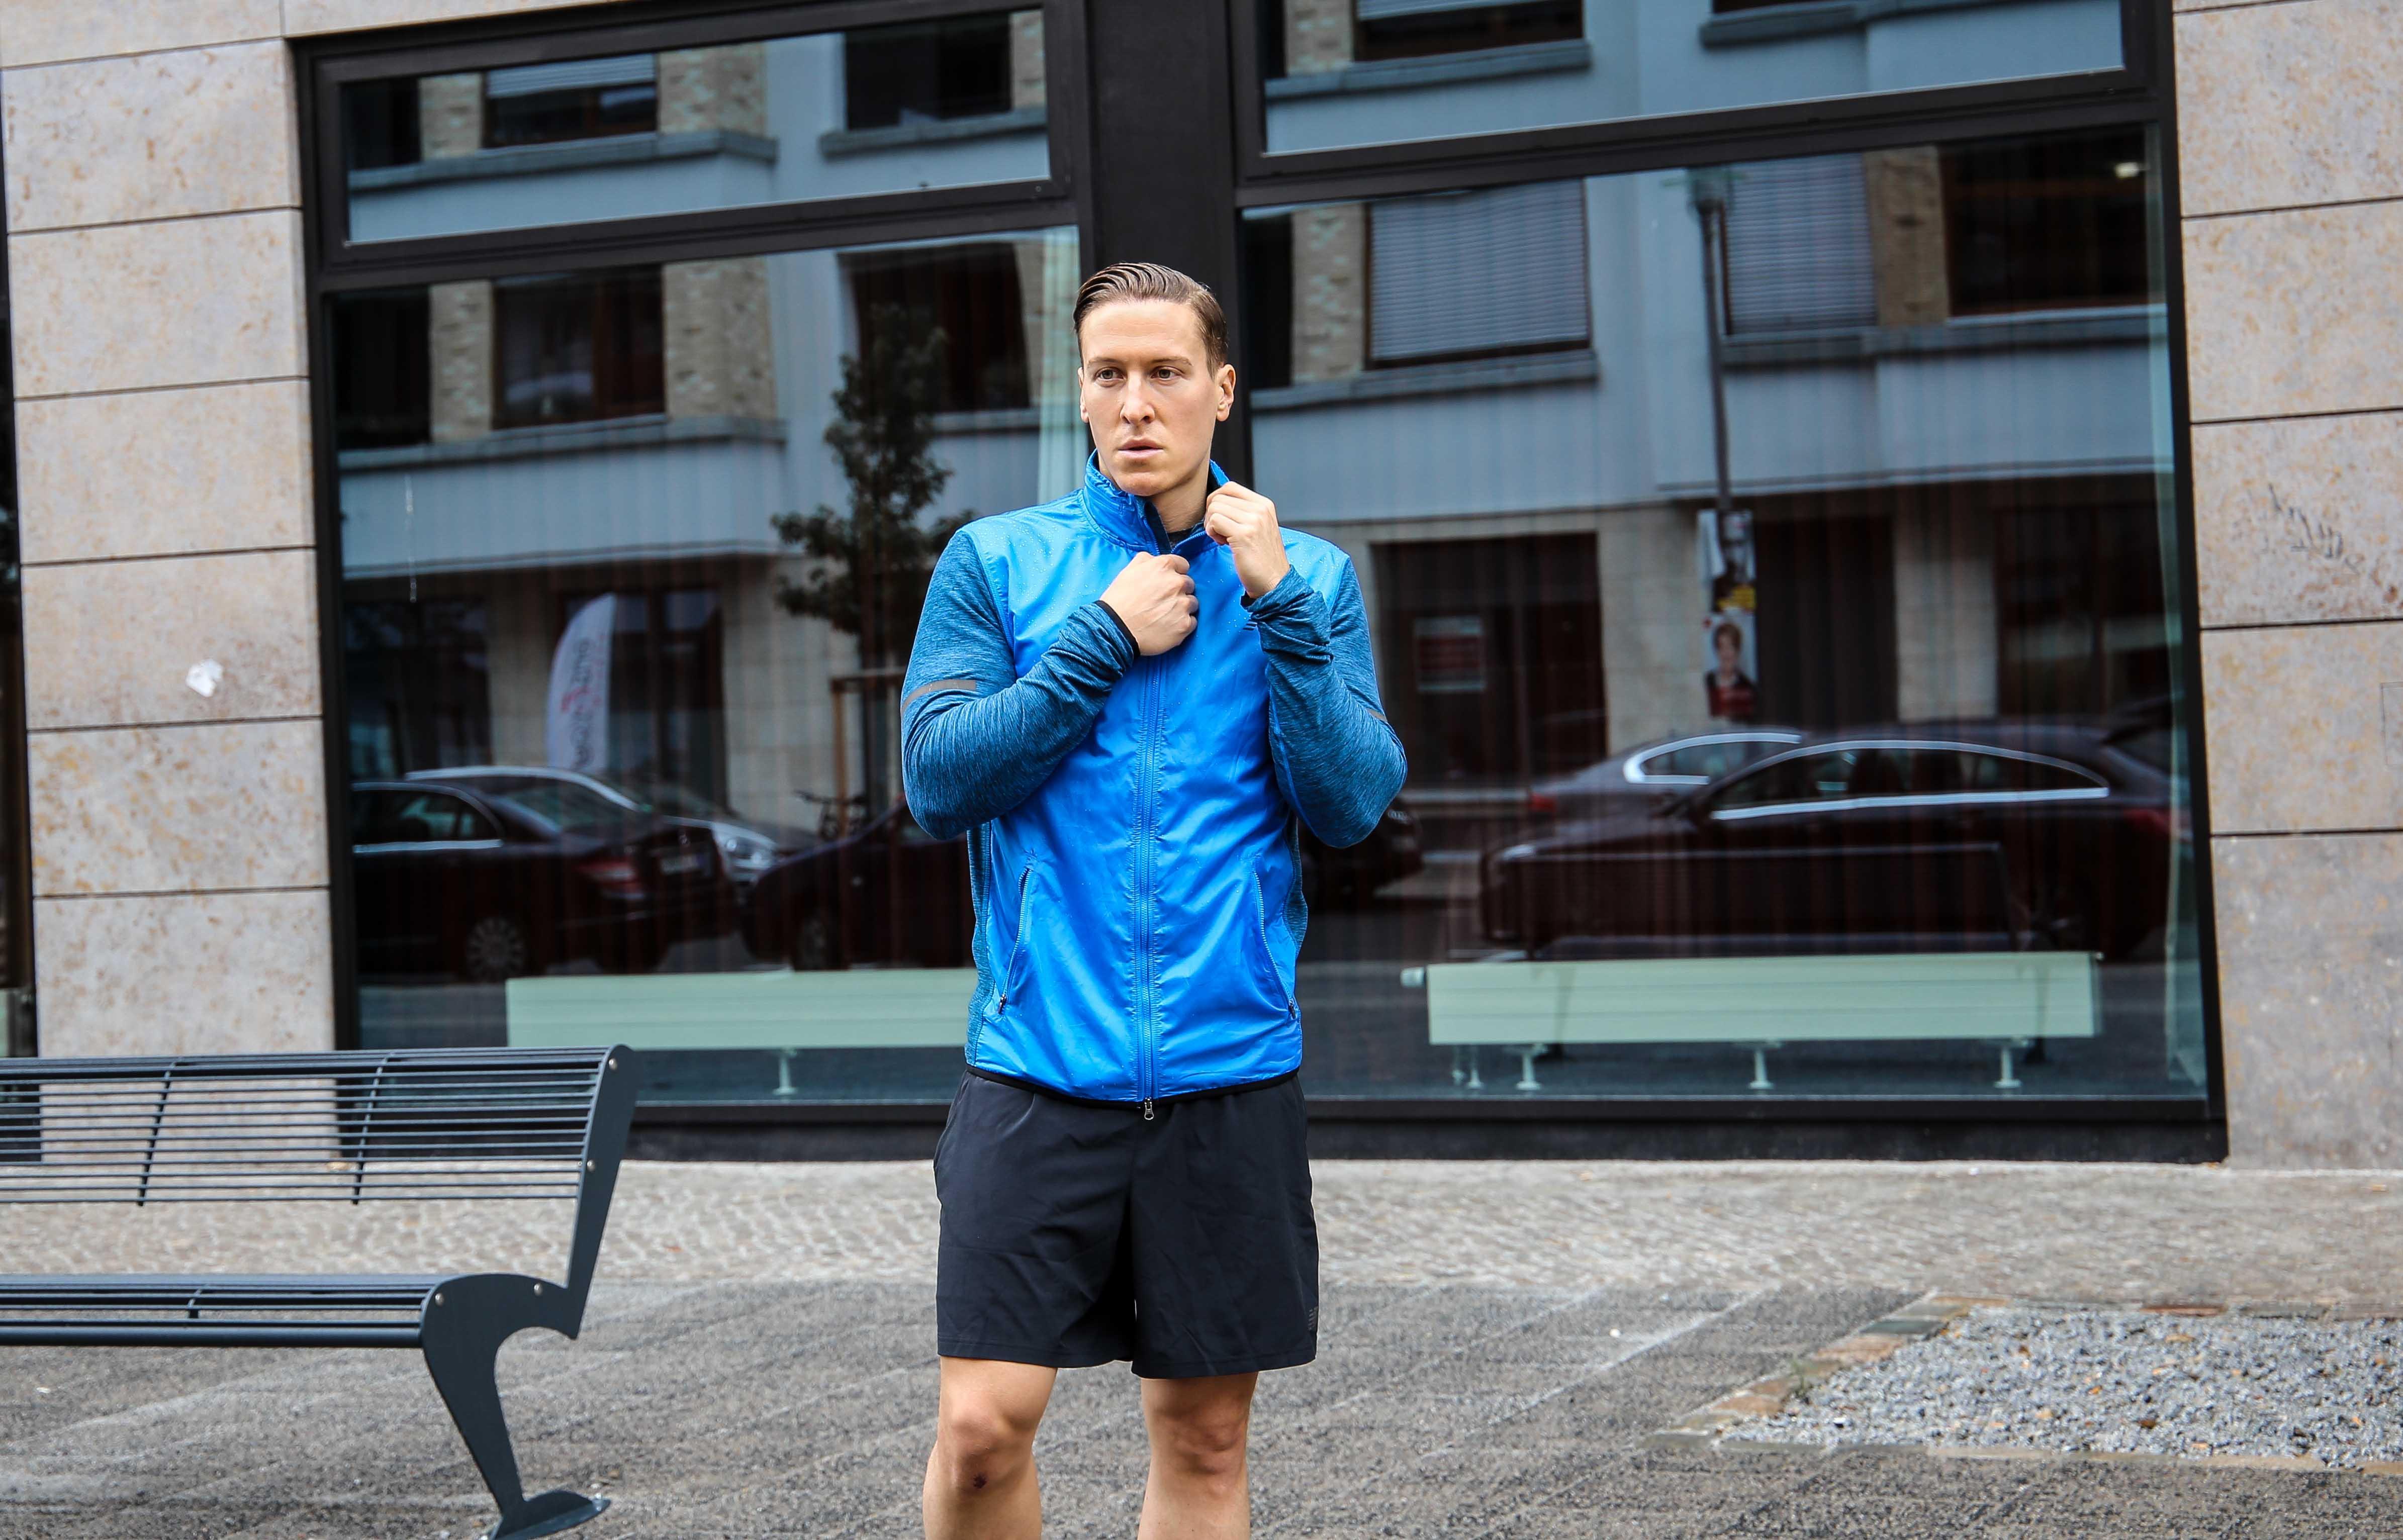 hiit-abnehmen-fettabbau-fitness-blog-sport-berlin-tipps_0309